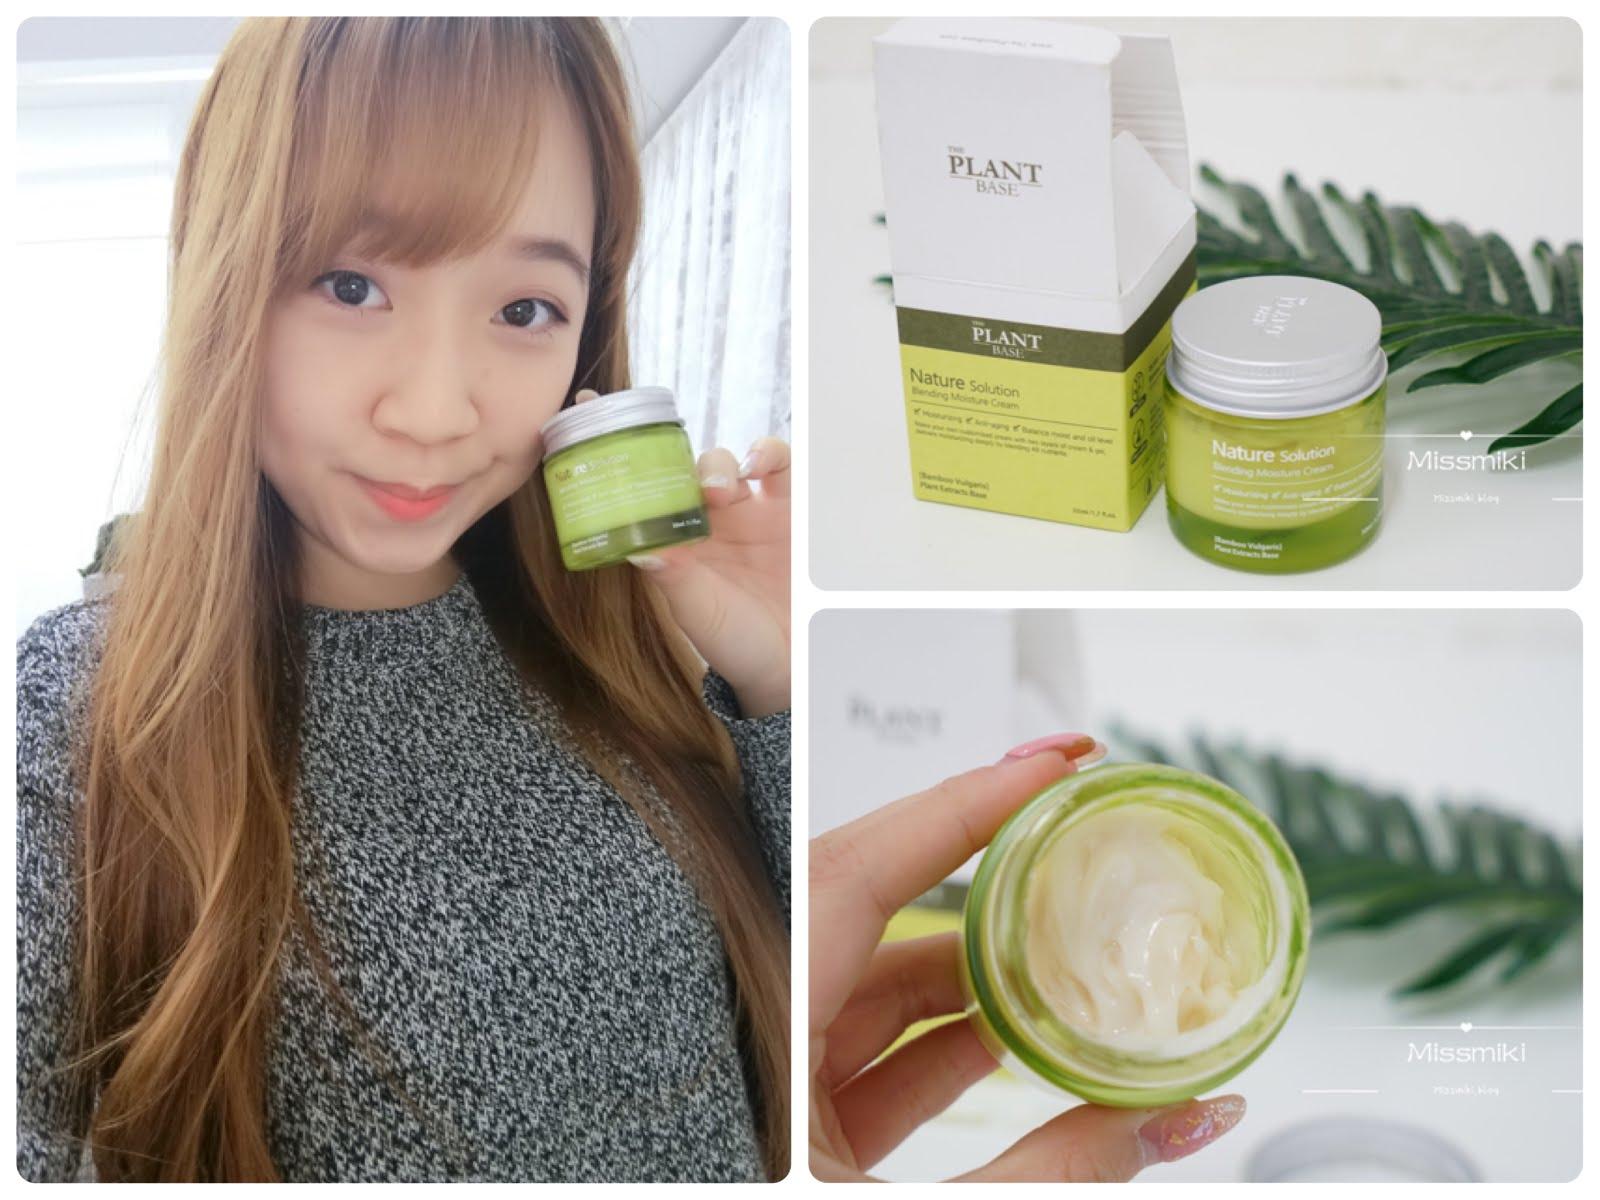 純天然植物提取|韓國品牌 The-Plant Base 天然翠竹混合滋潤面霜 IMG 1252